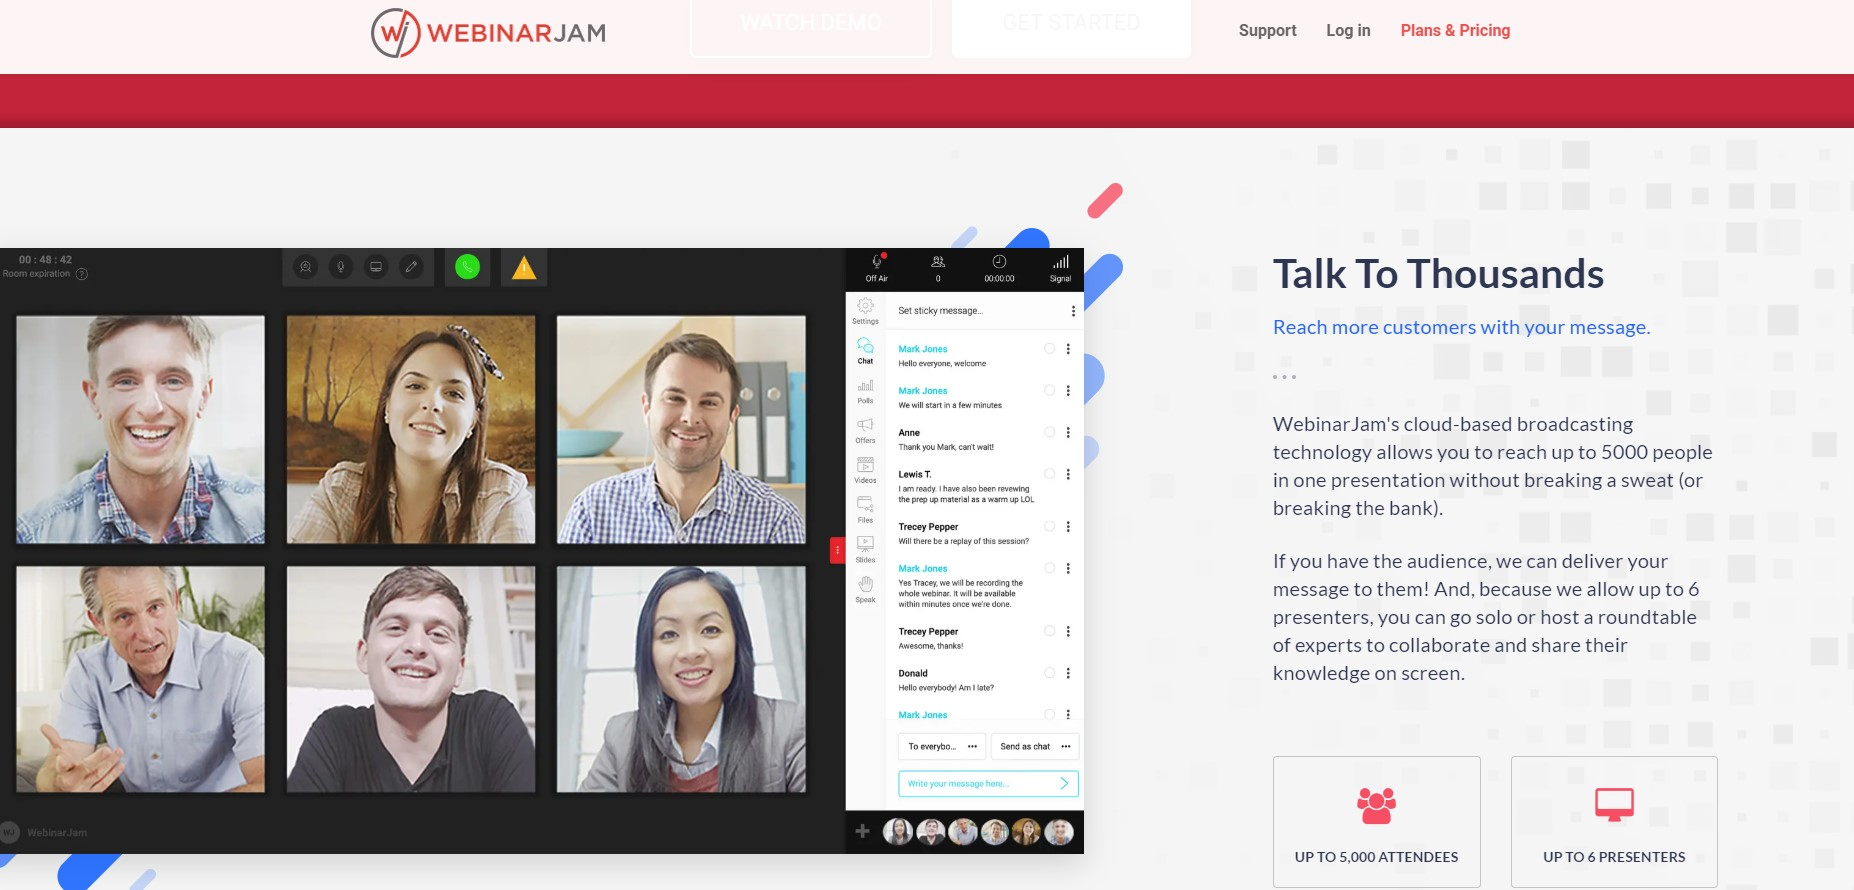 WebinarJam la meilleure plateforme pour vos webinaires?